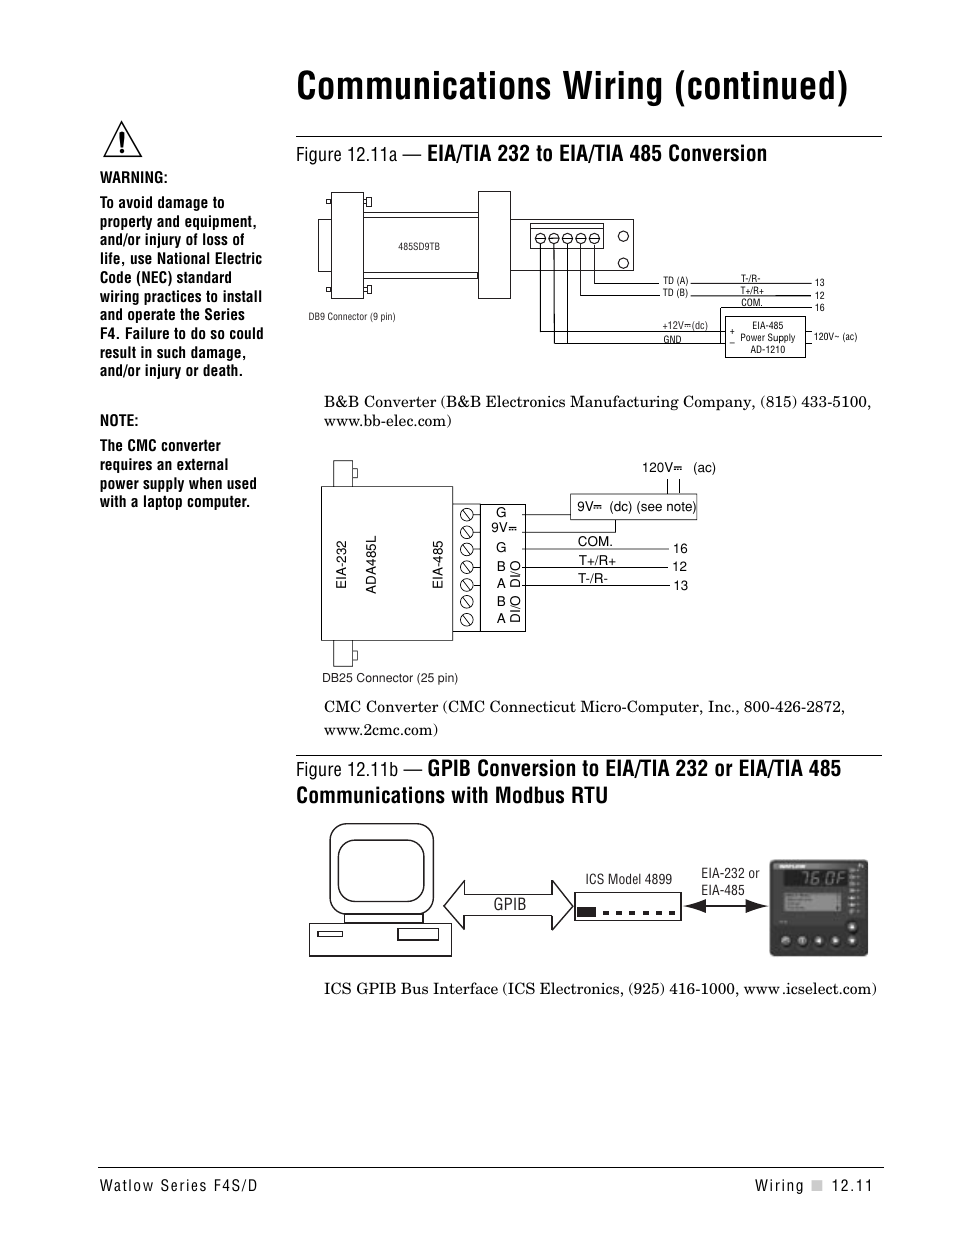 Watlow F Wiring Diagram on